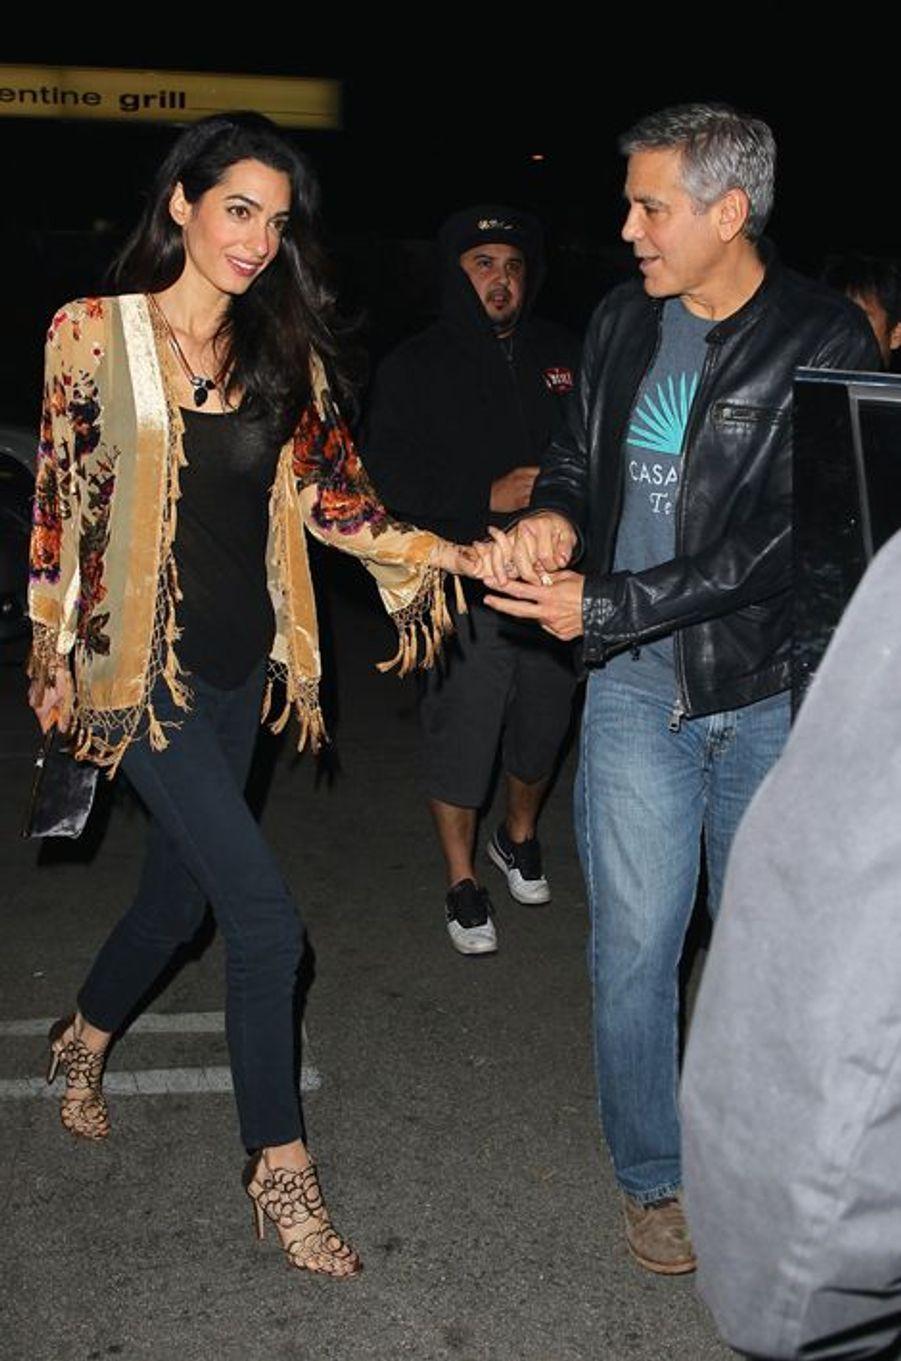 Accompagnée de son époux pour une sortie en tête-à-tête, Amal Clooney avait opté pour une tenue originale mais très osée : habillée d'une veste à franges de la griffe Shantique (160 euros), d'un collier Akong London (395 euros), d'une paire de sandales Oscar de la Renta (835 euros) et d'une pochette Dolce & Gabbana (1.230 euros), la spécialiste du droit international portait un look à 2.620 euros.